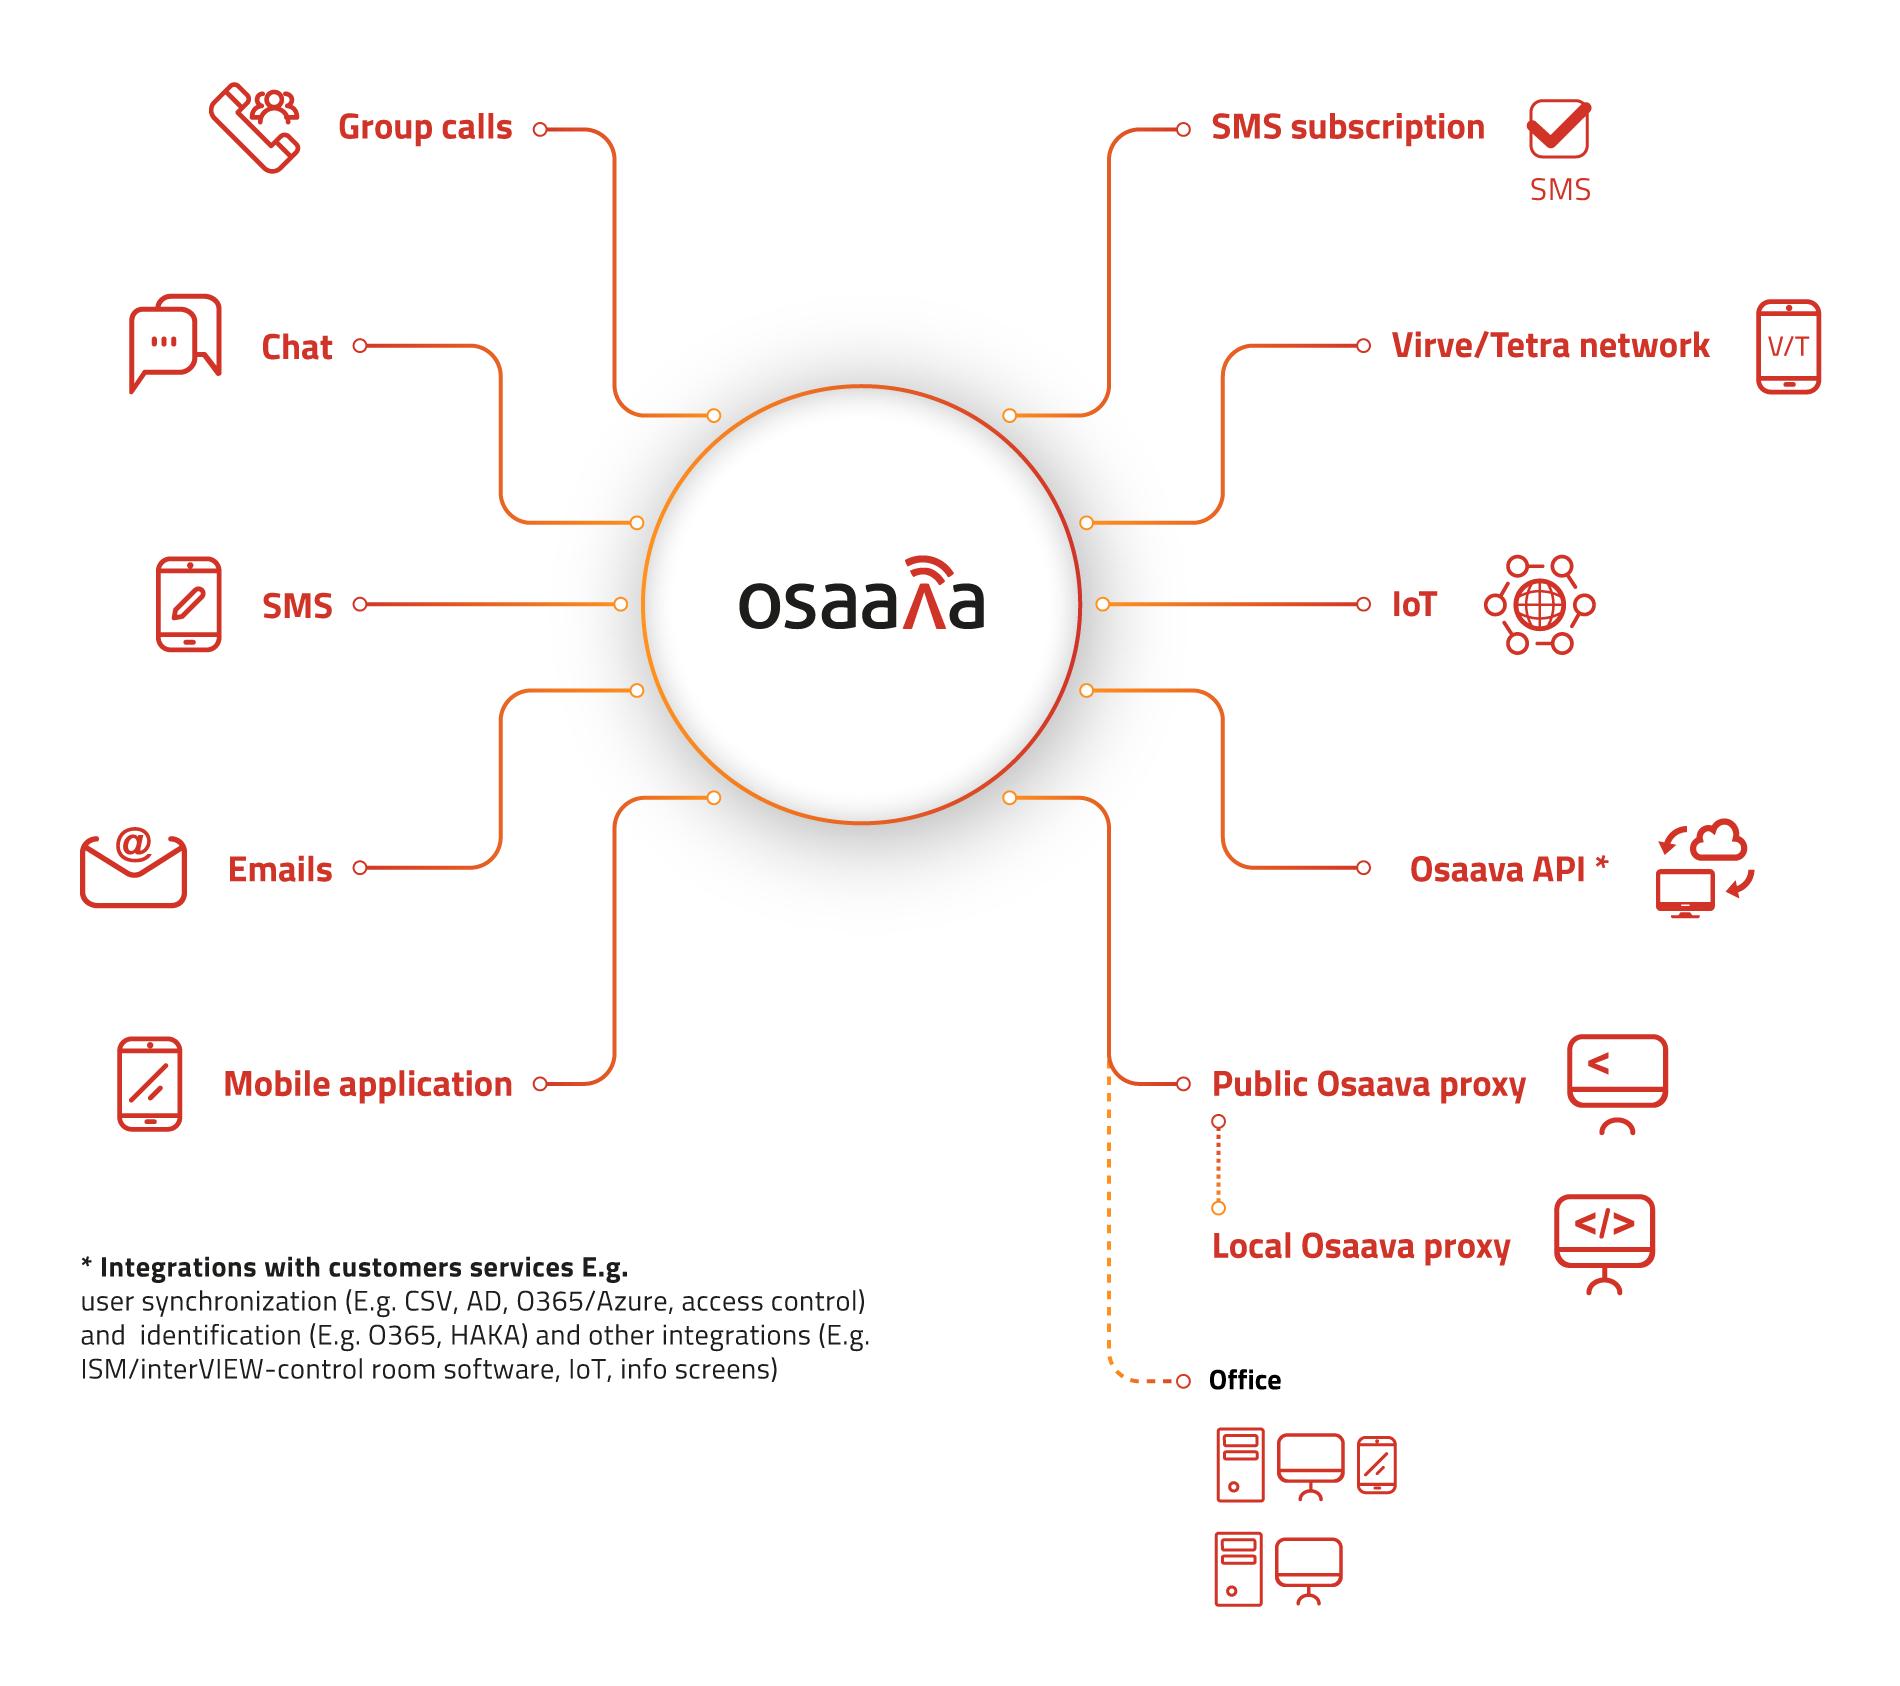 Osaava functionalities